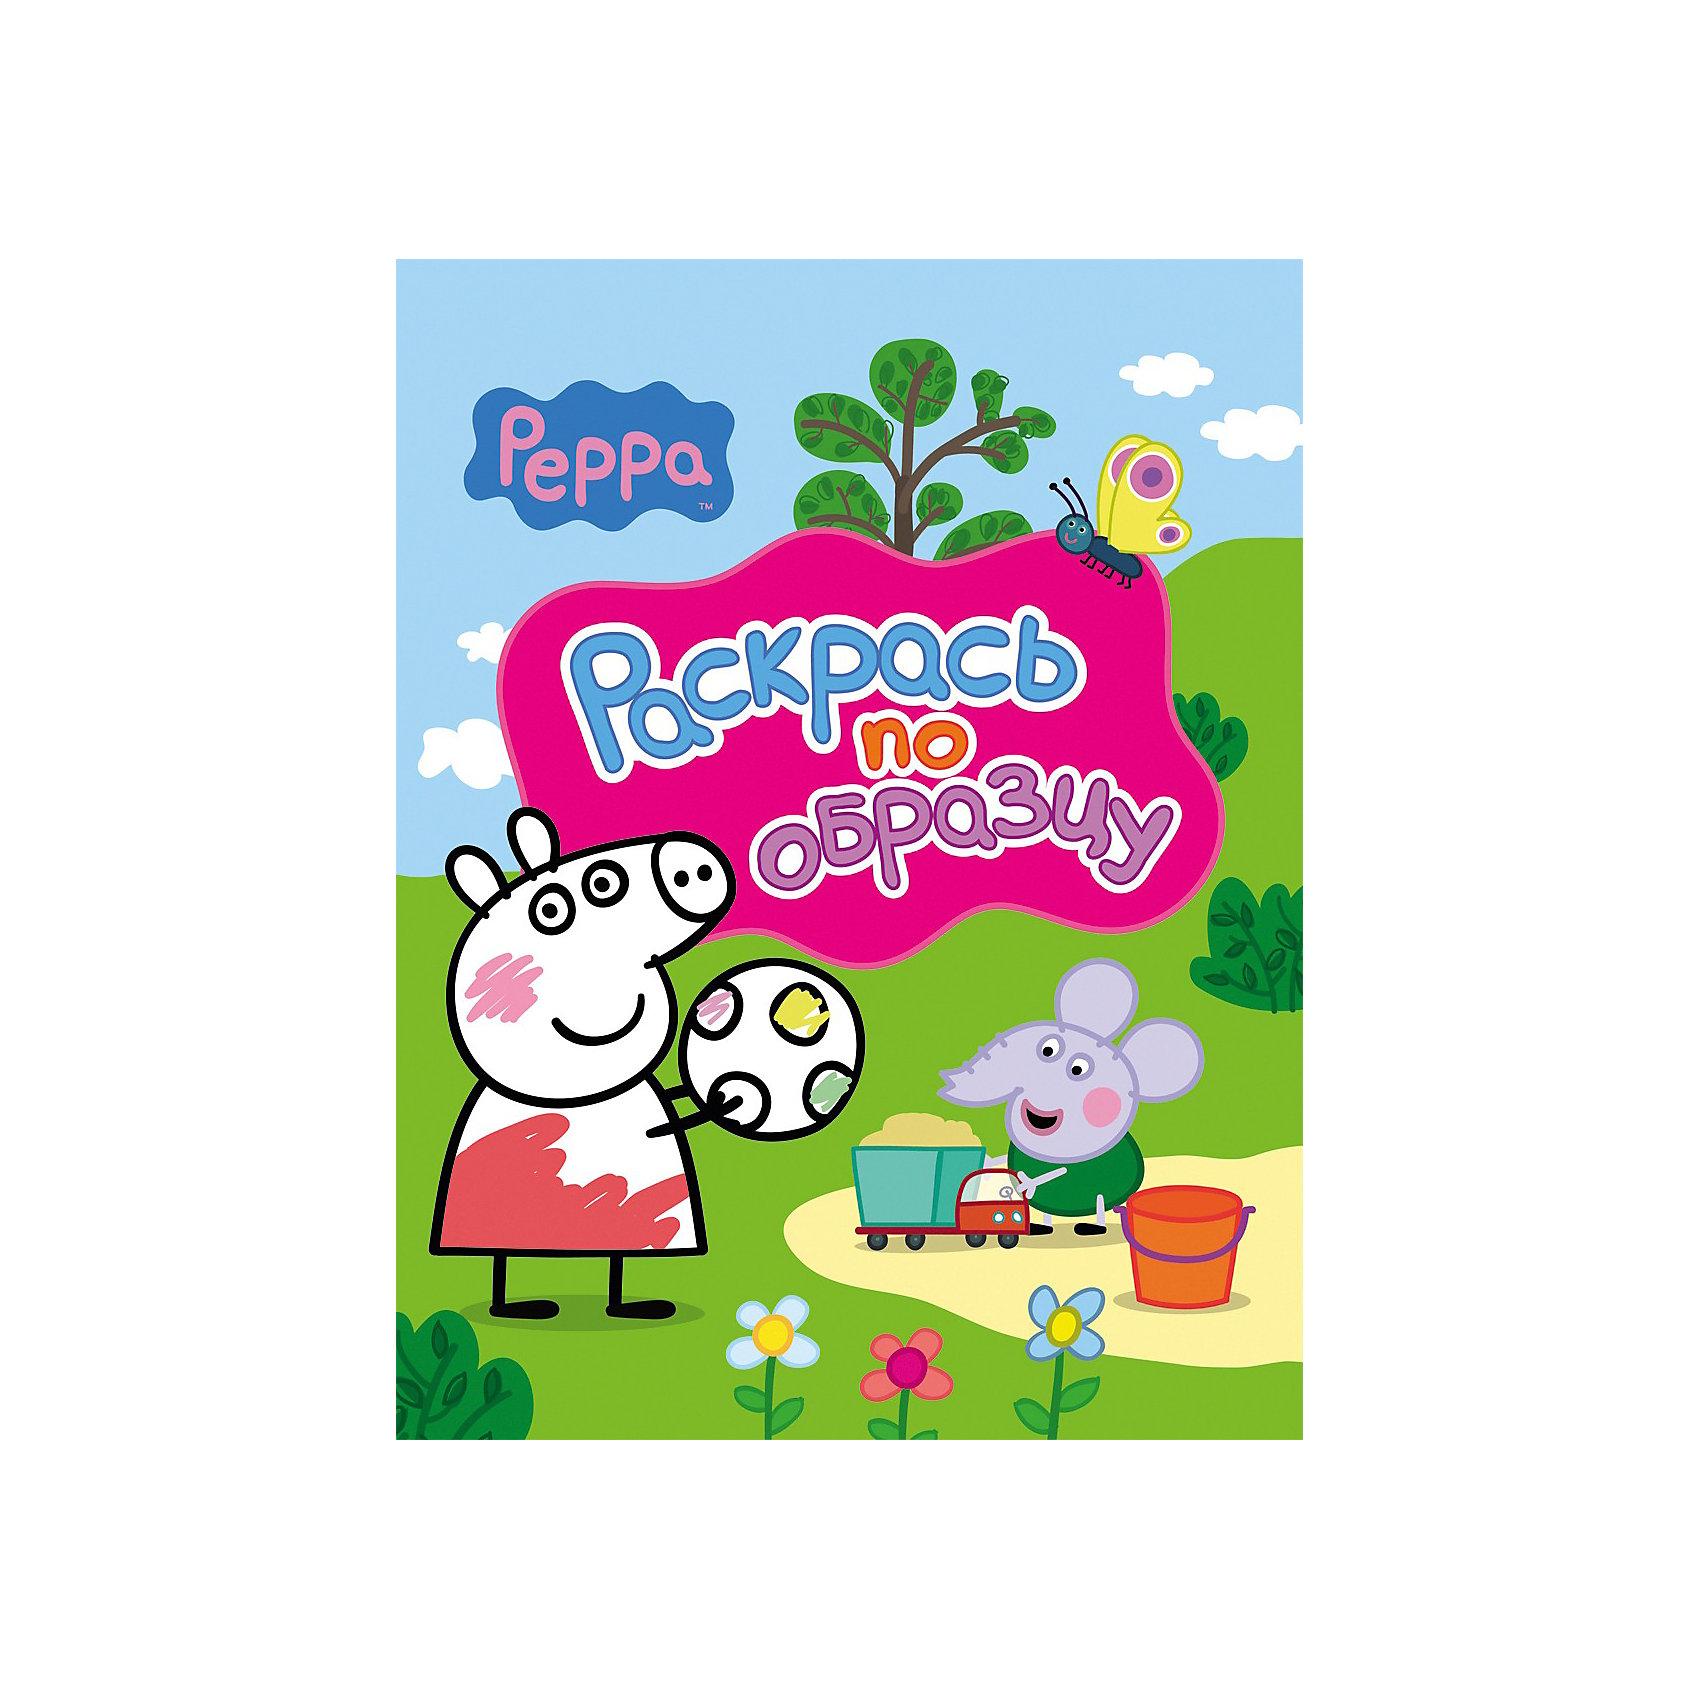 Раскрась по образцу (розовая), Свинка ПеппаРаскрась по образцу (розовая), Свинка Пеппа – это хороший подарок для детей, который поможет увлекательно провести время.<br>Добро пожаловать в компанию очаровательной свинки Пеппы и ее друзей! Раскрашивай забавных героев любимого мультфильма, а яркие картинки-образцы помогут подобрать цвета.<br><br>Дополнительная информация:<br><br>- Тип переплета (обложка): мягкая<br>- Размер: 212 x 275 мм.<br>- Количество страниц: 16<br>- Наличие иллюстраций: цветные<br><br>Раскраску «Раскрась по образцу» (розовую), Свинка Пеппа (Peppa Pig) можно купить в нашем интернет-магазине.<br><br>Ширина мм: 290<br>Глубина мм: 230<br>Высота мм: 3<br>Вес г: 70<br>Возраст от месяцев: 36<br>Возраст до месяцев: 72<br>Пол: Унисекс<br>Возраст: Детский<br>SKU: 3725150